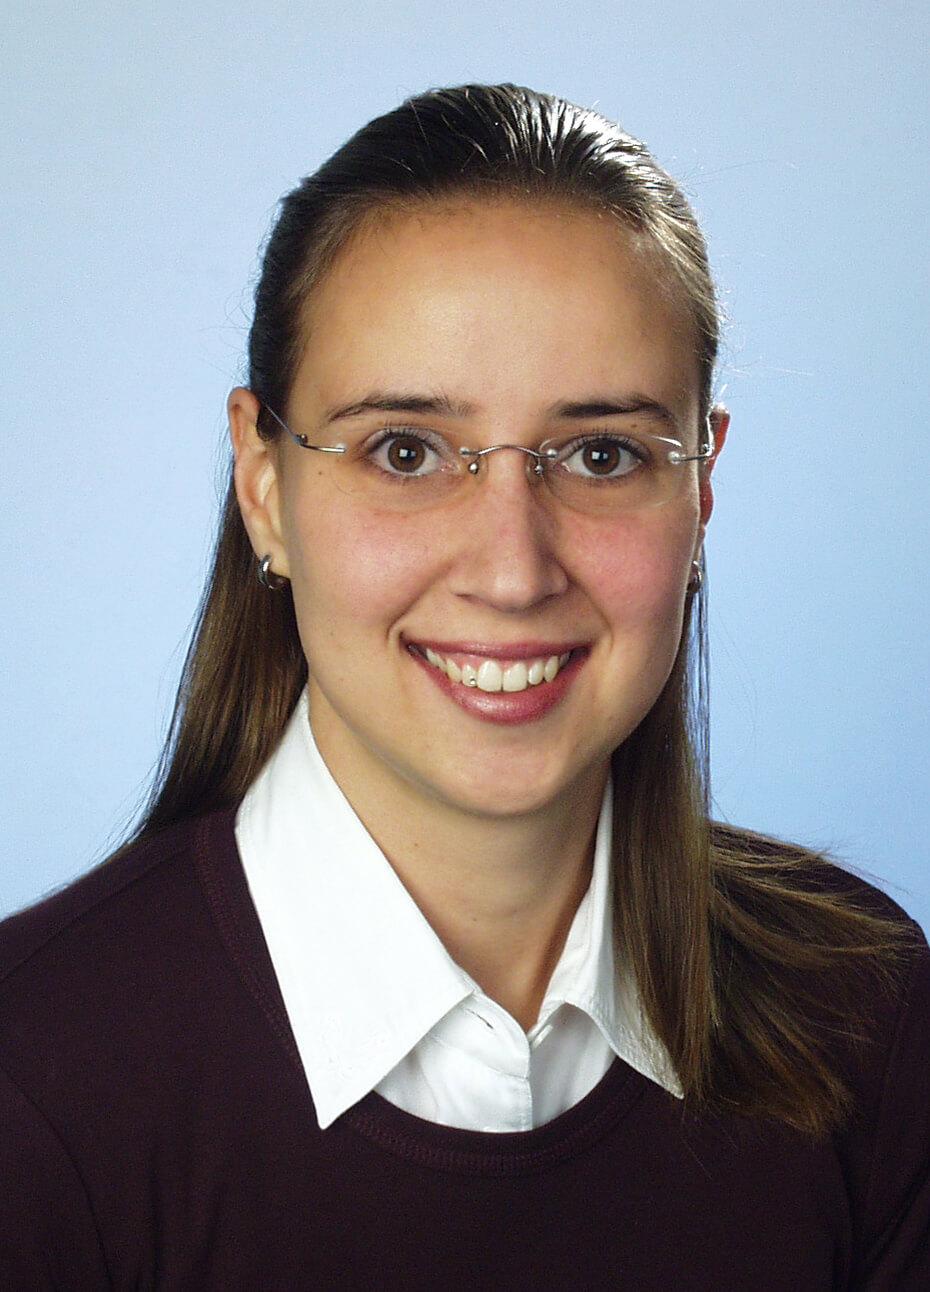 Referentin Melanie Engel. (Bildquelle: Archiv ttz)